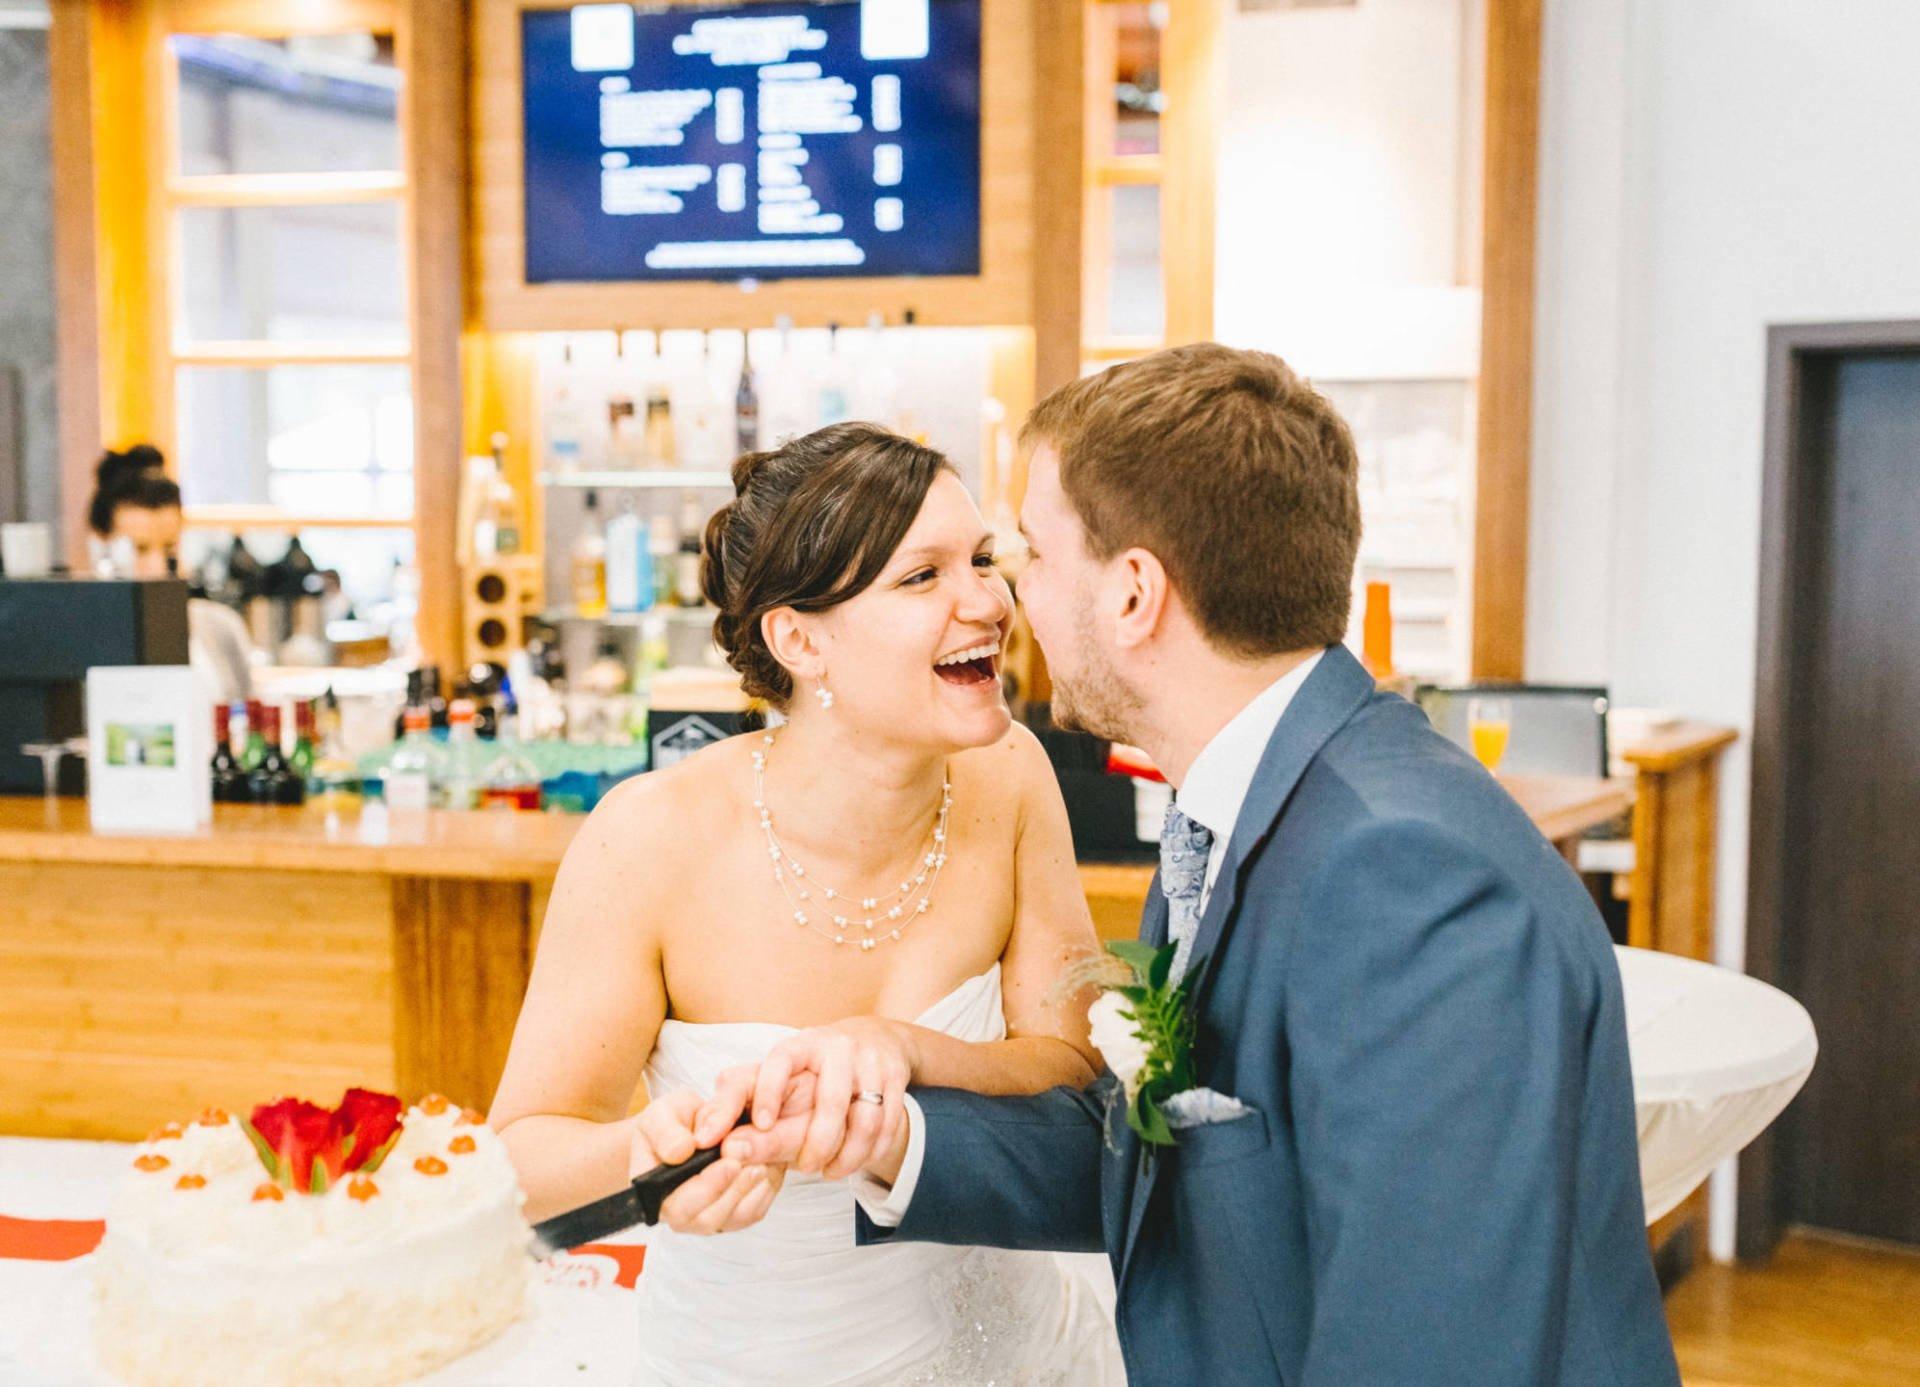 Hochzeitsreportage | Hochzeit im Paradies Jena | 39